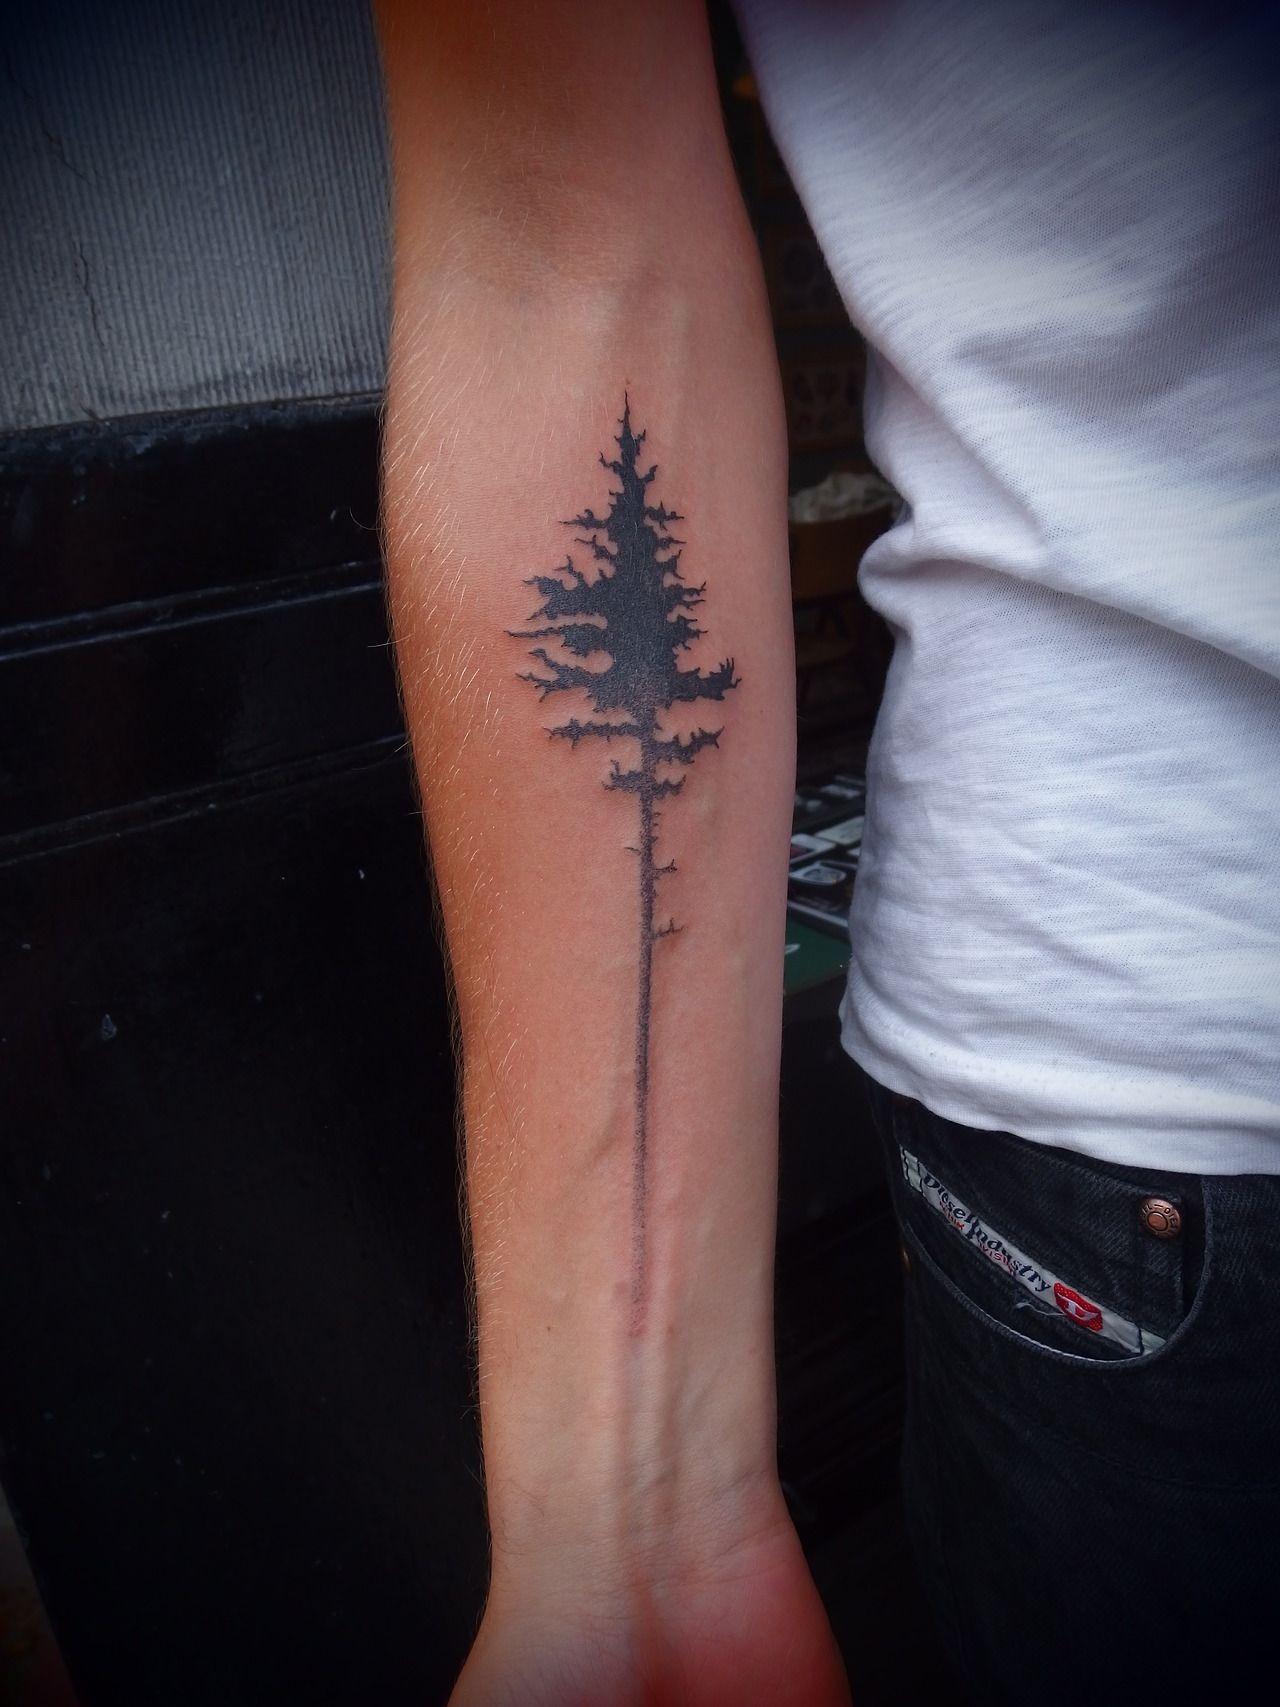 Pine Tree Tattoo This Is Fantastic Tattoos Tree Tattoo Forearm Scar Tattoo